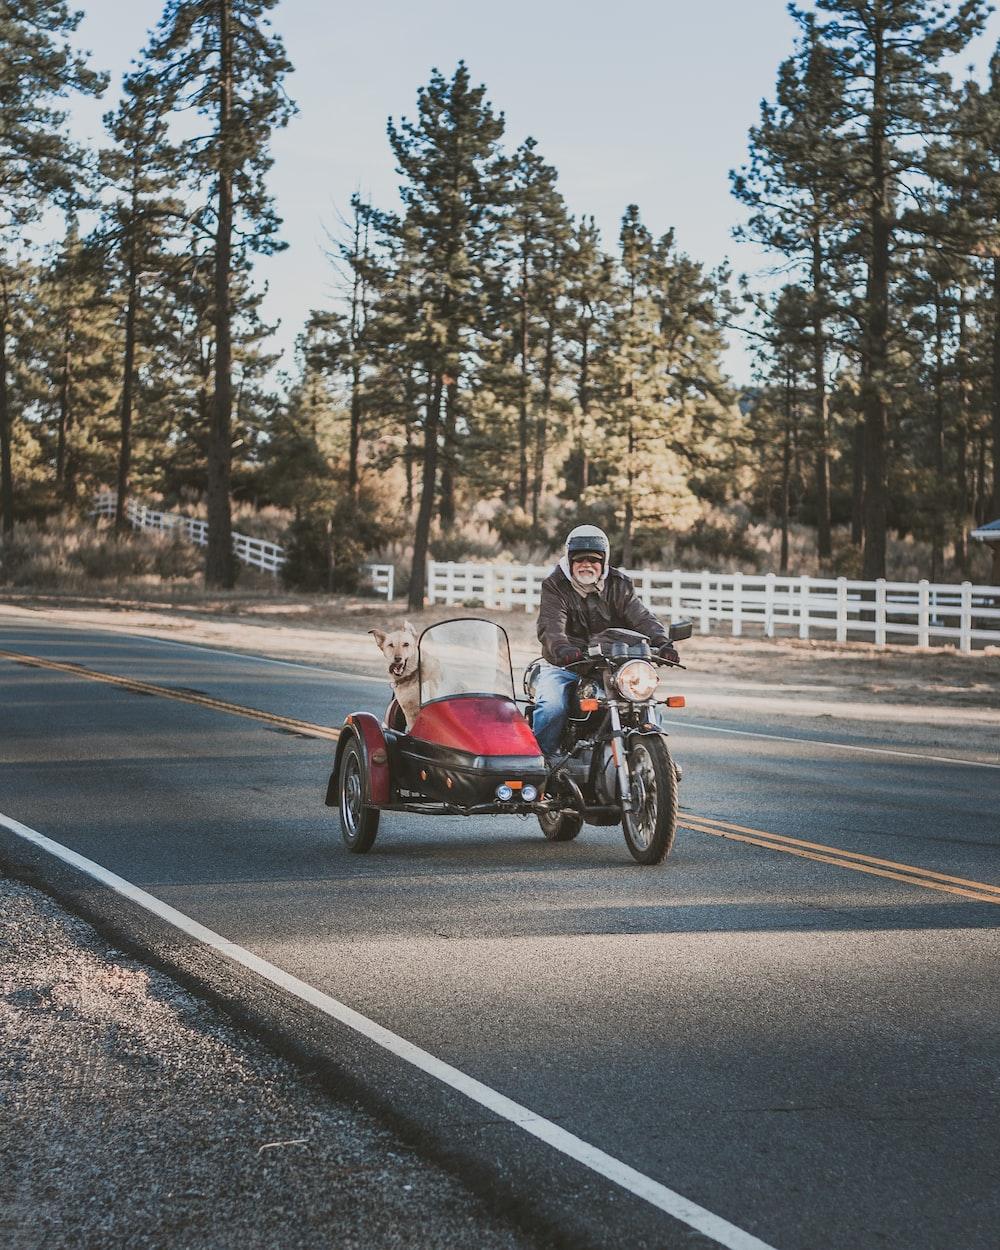 man riding motorcycle beside brown labrador dog